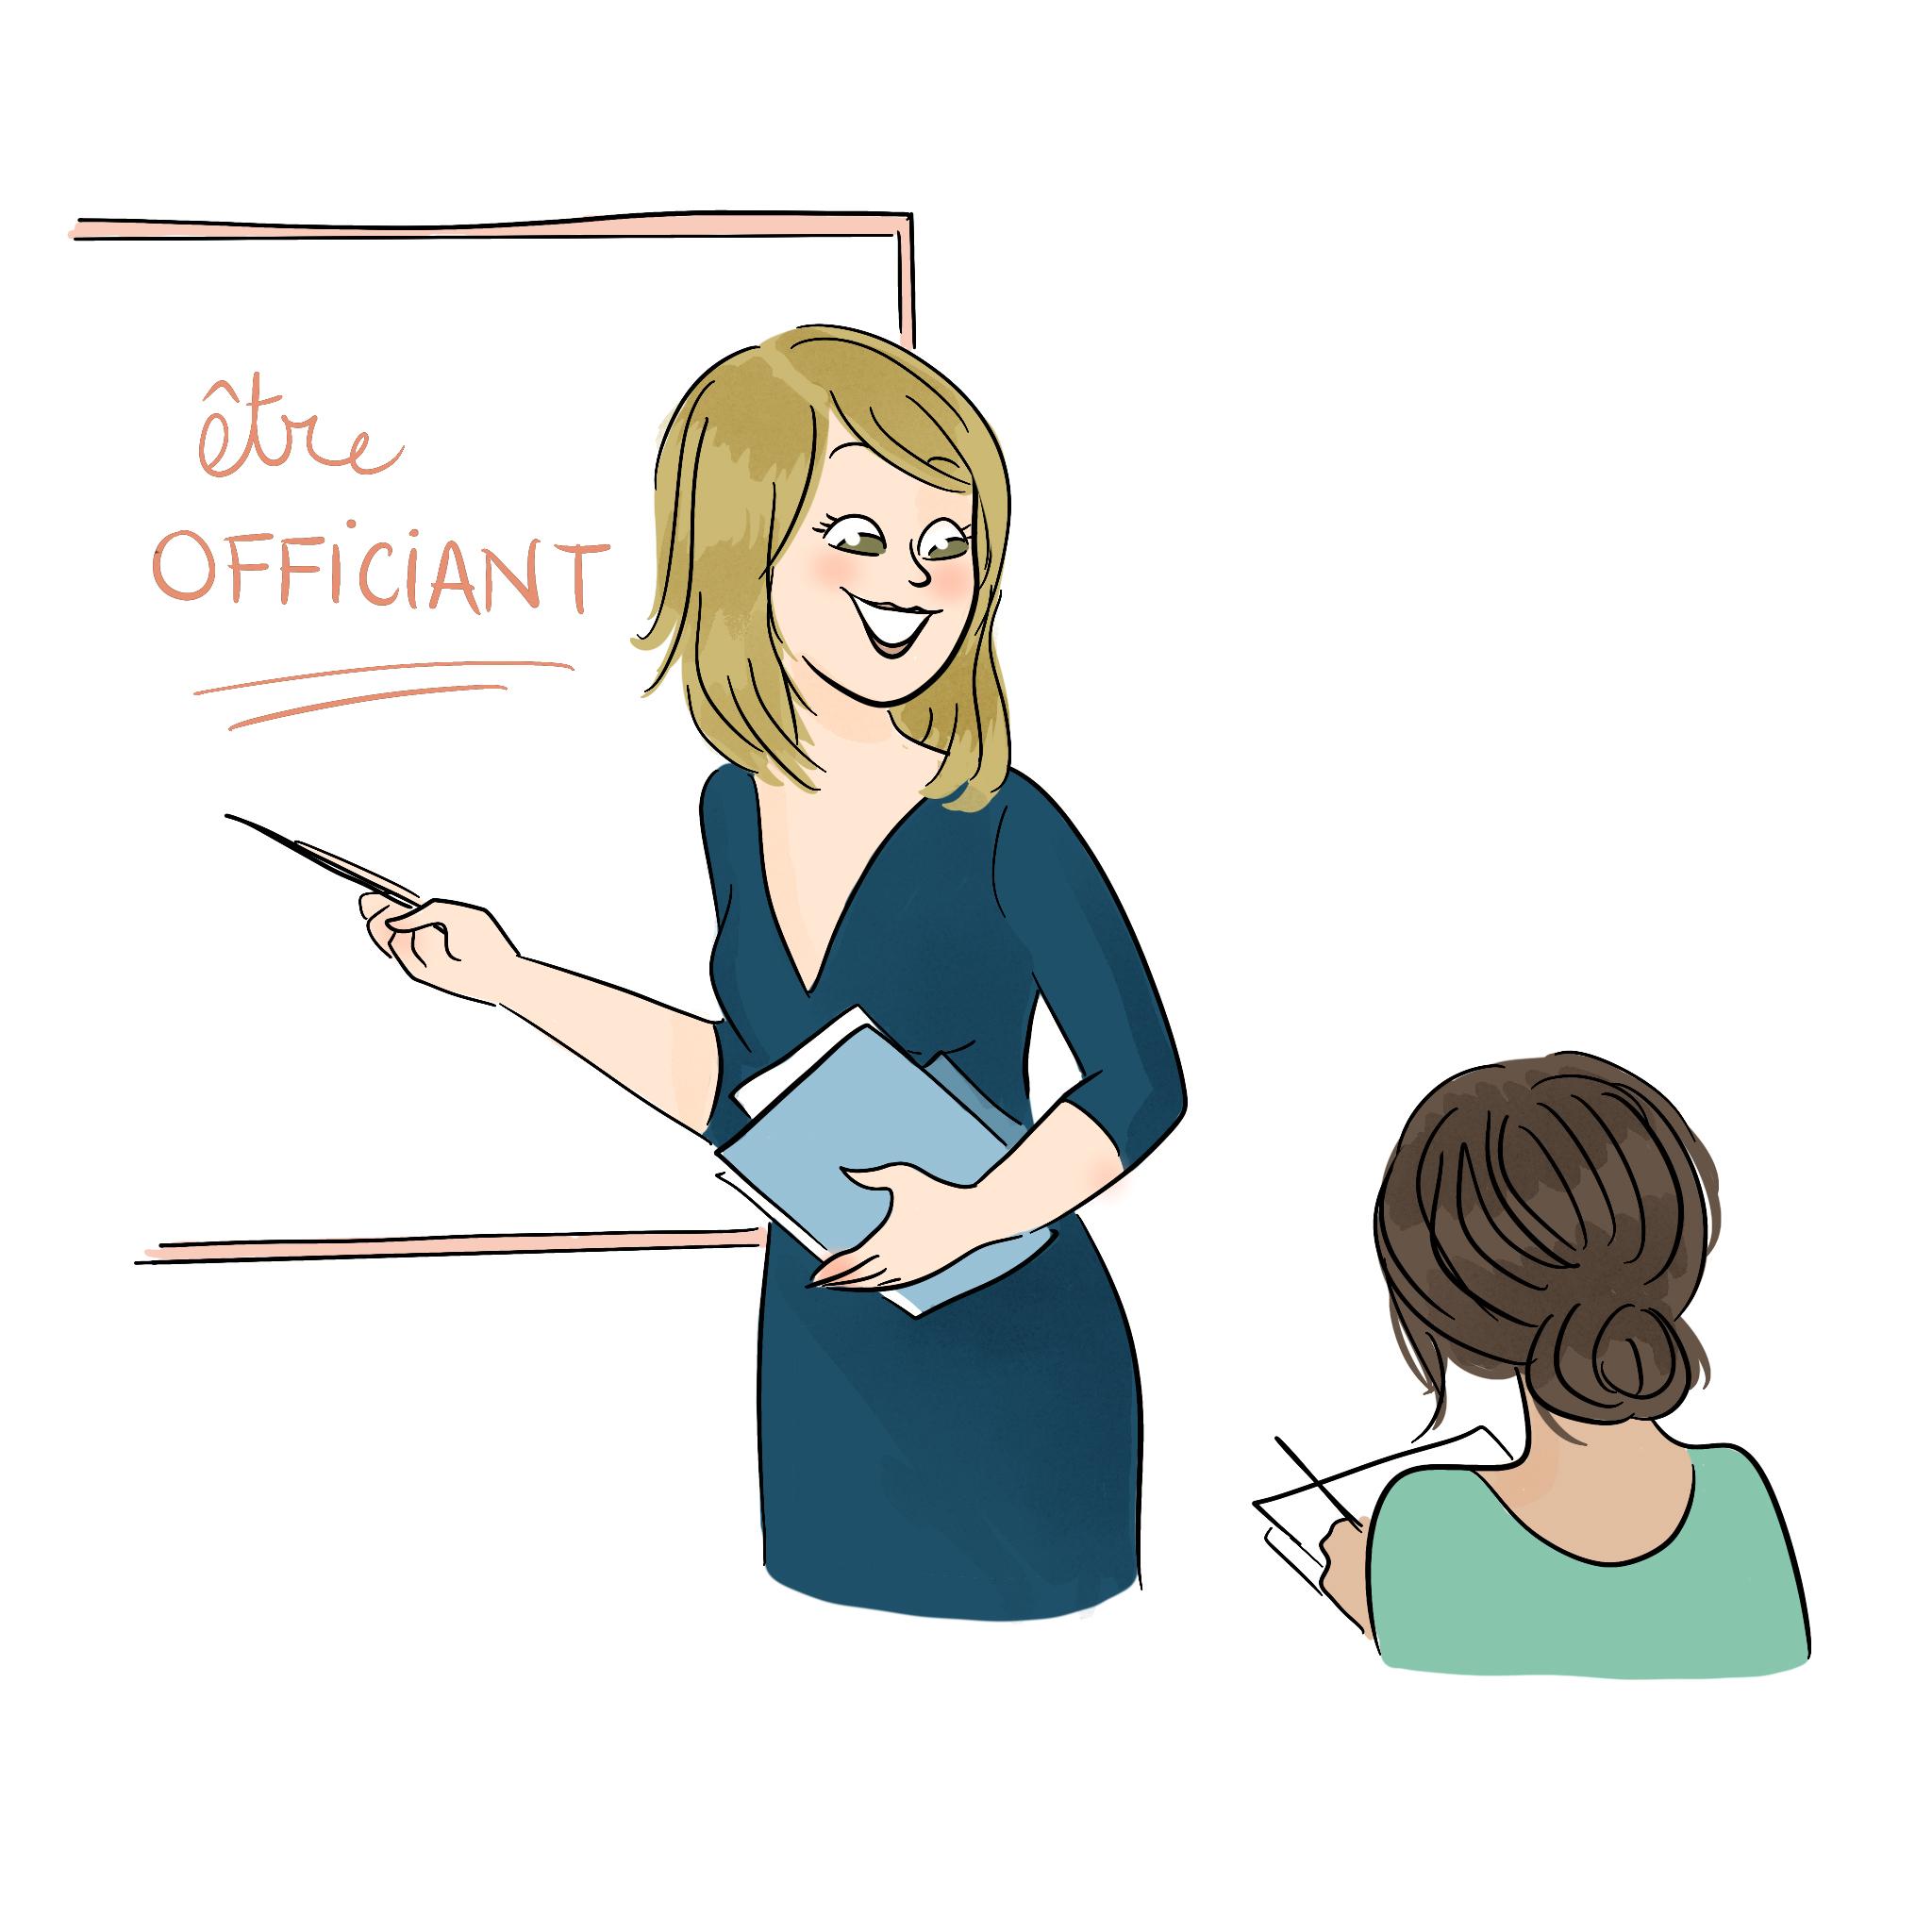 2. Juste un chapitre pour Accompagner votre officiant